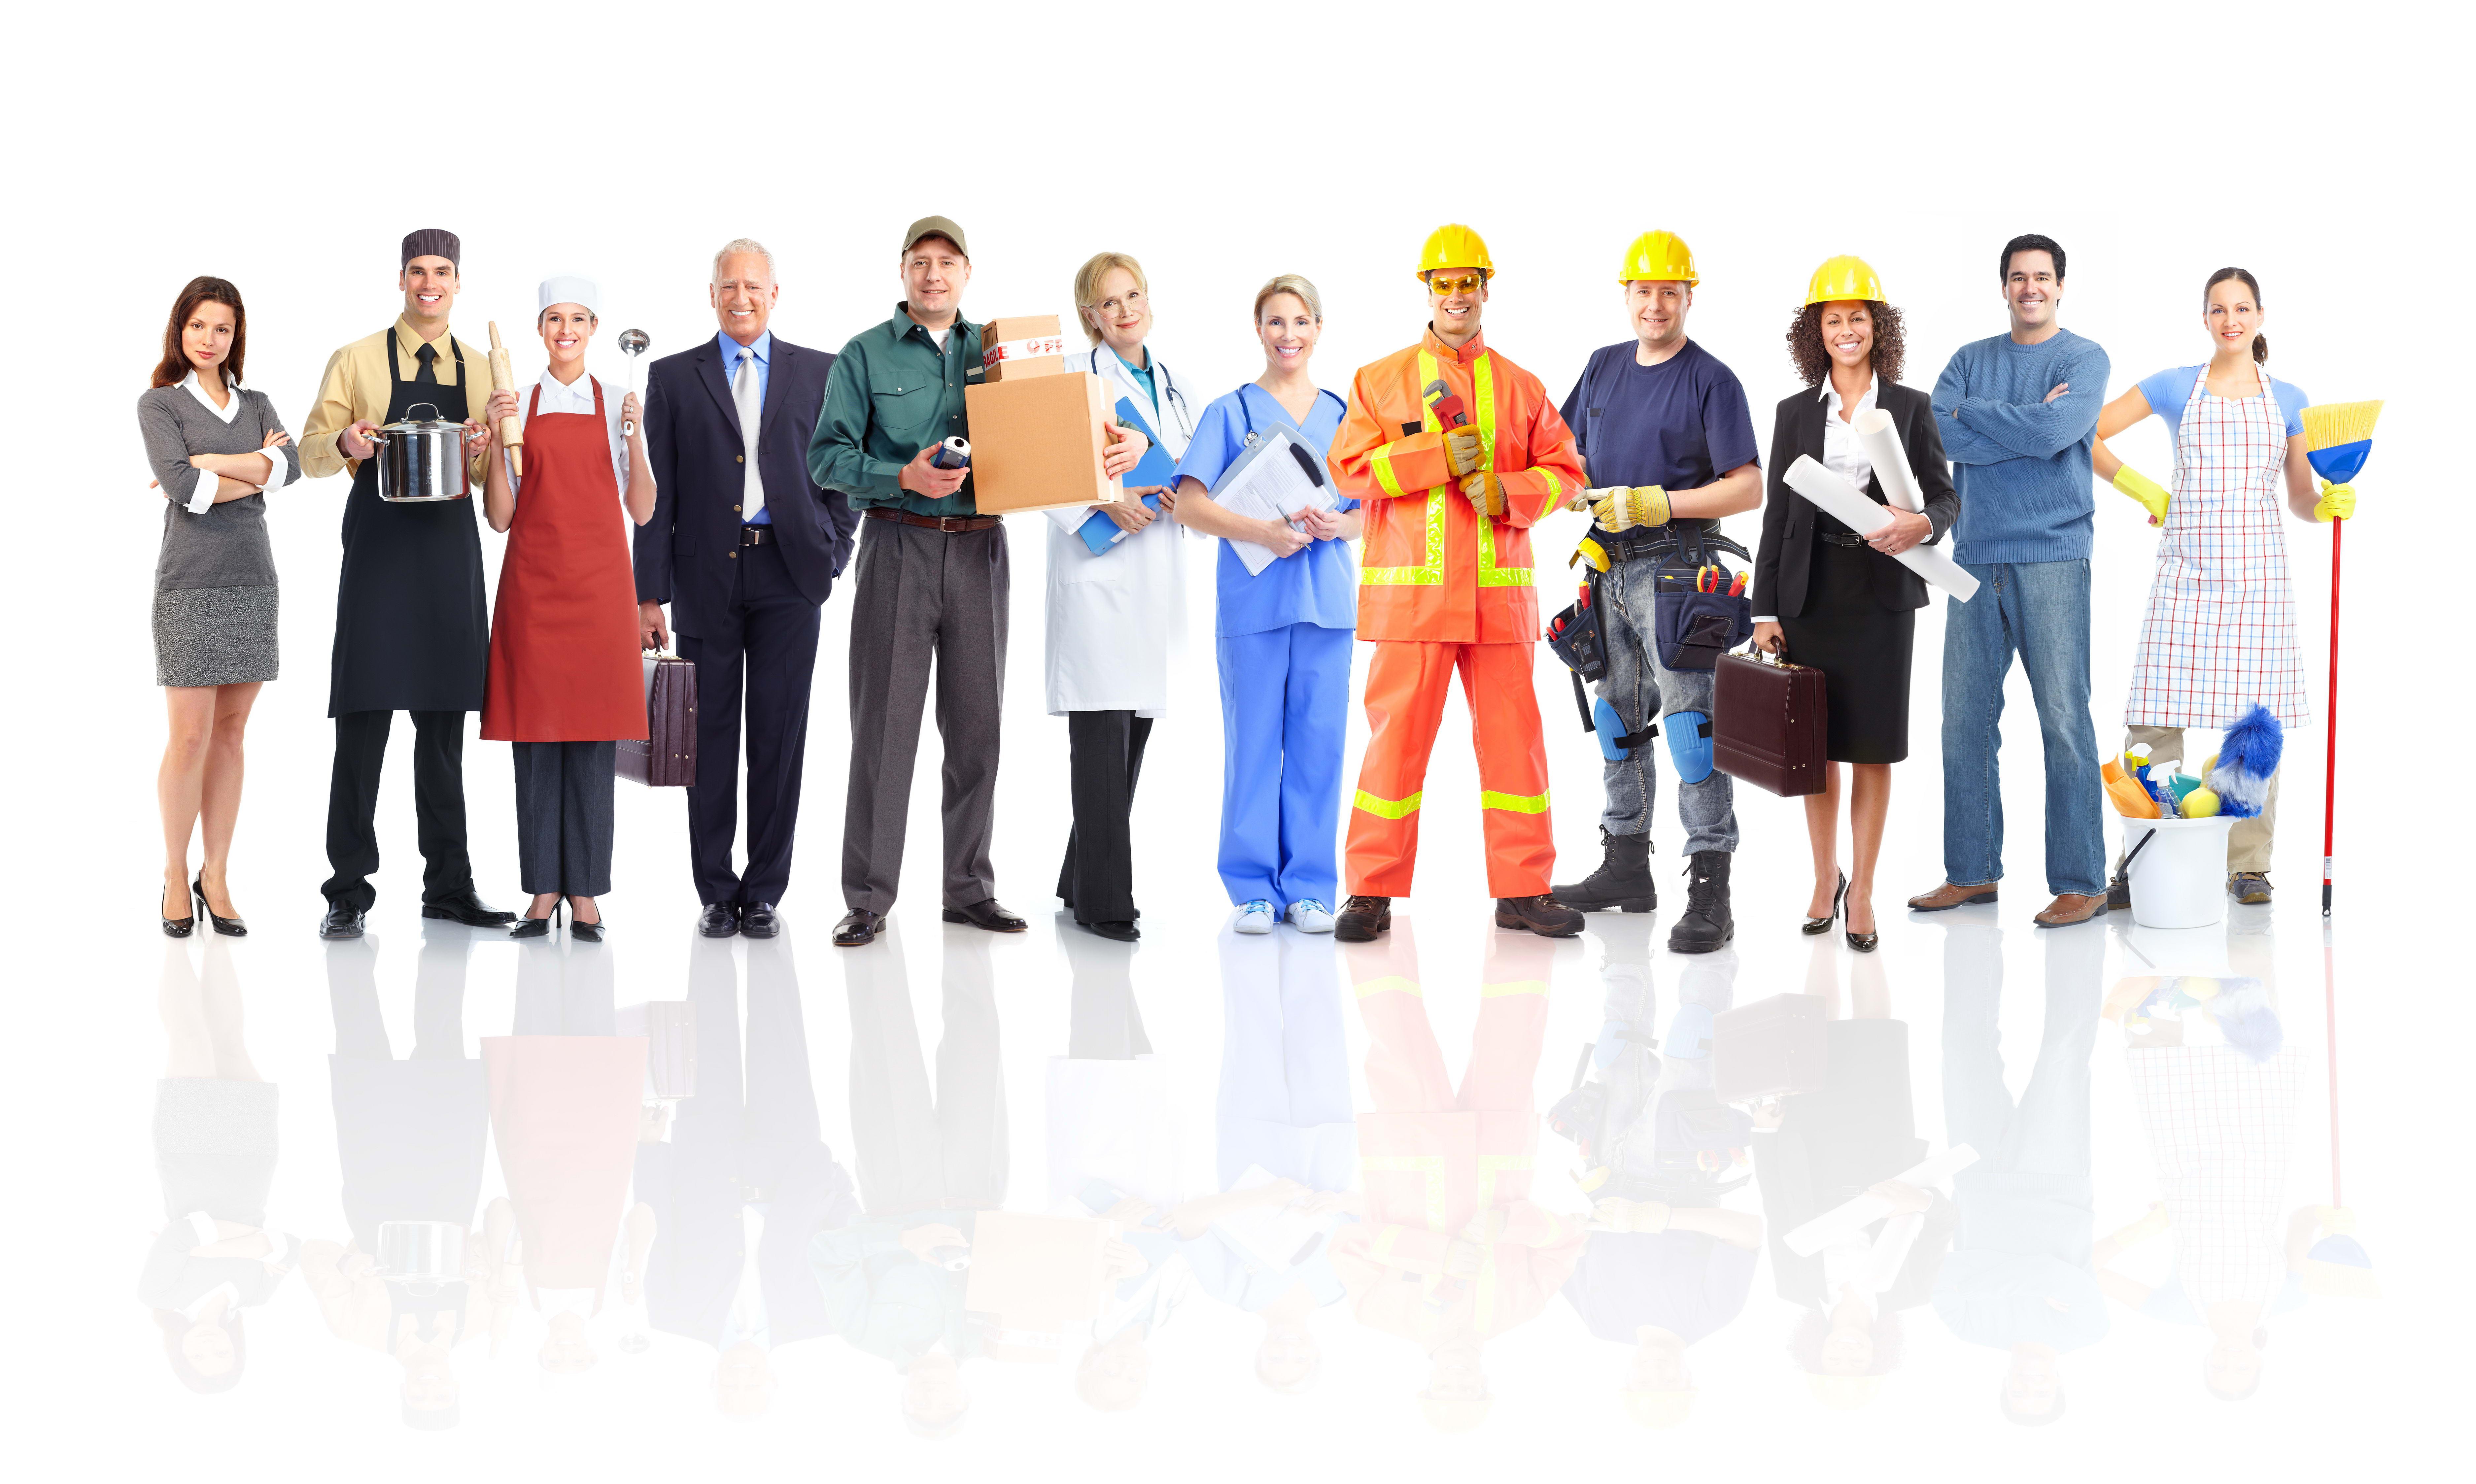 Люди разных профессий строители